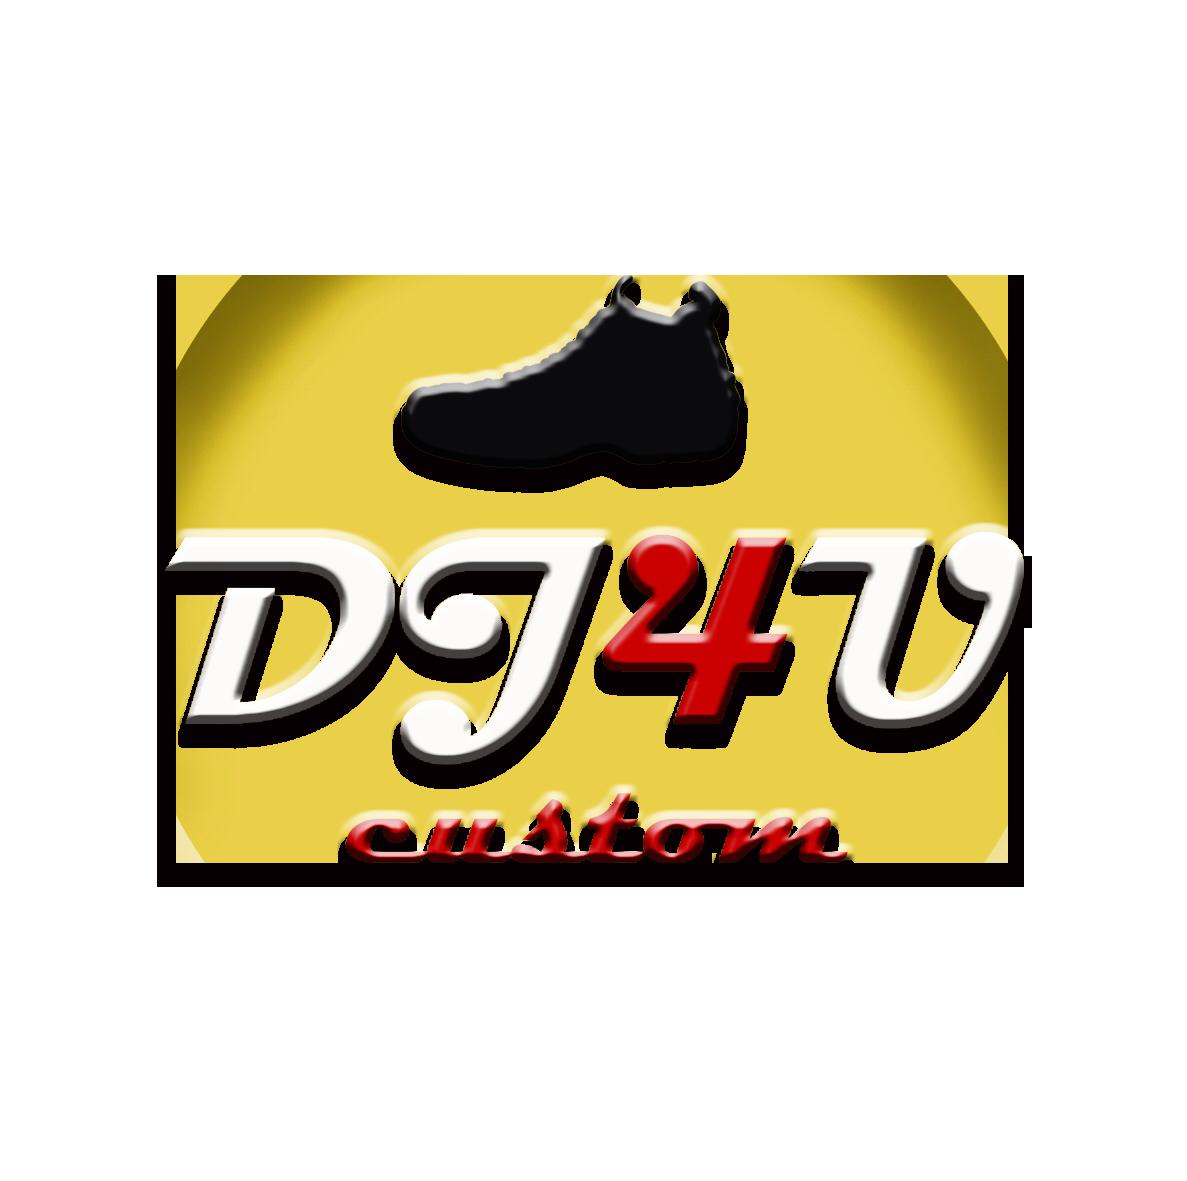 球鞋diy定制设计一条龙 相关服务套餐搭配更优惠可享会员待遇